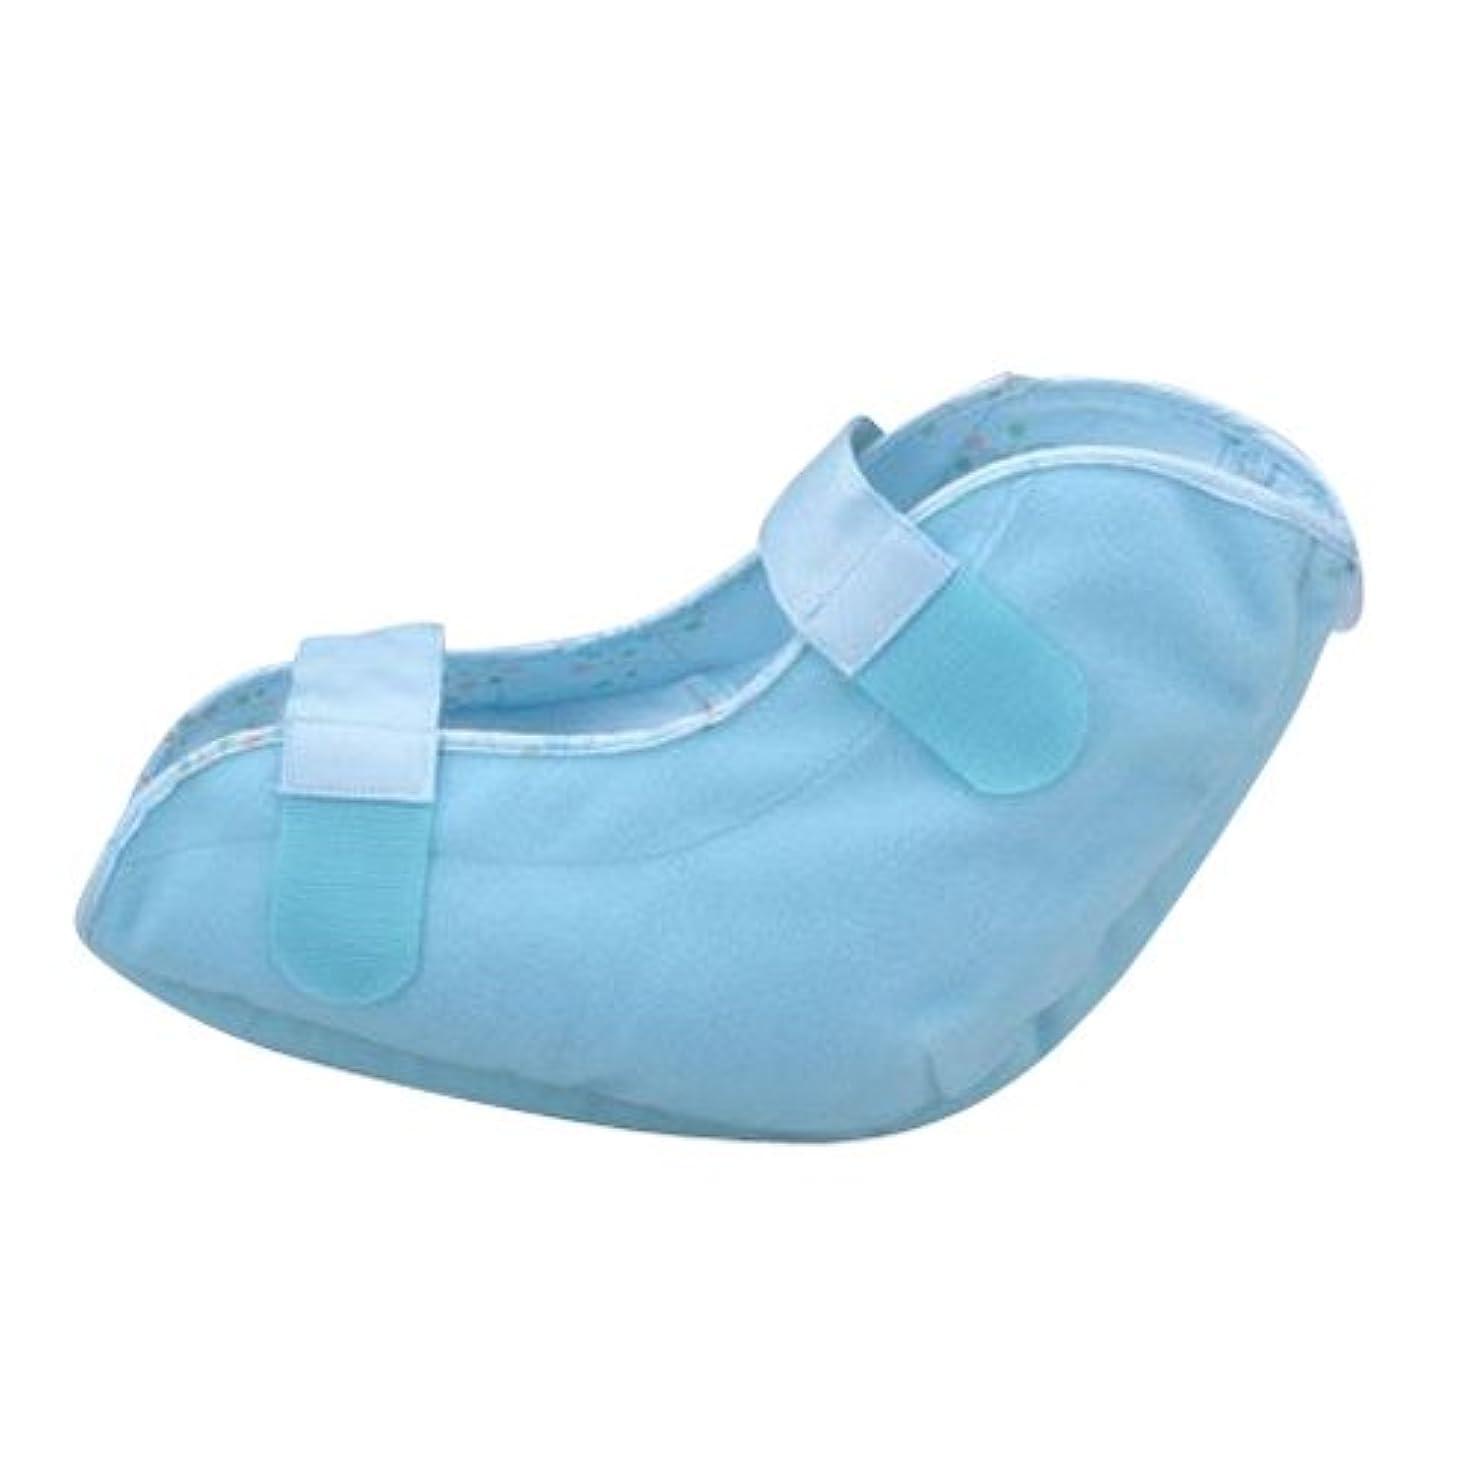 ビザ荷物シーサイド洗える通気タイプ かかと用パッド(1個入り) 1663 ブルー